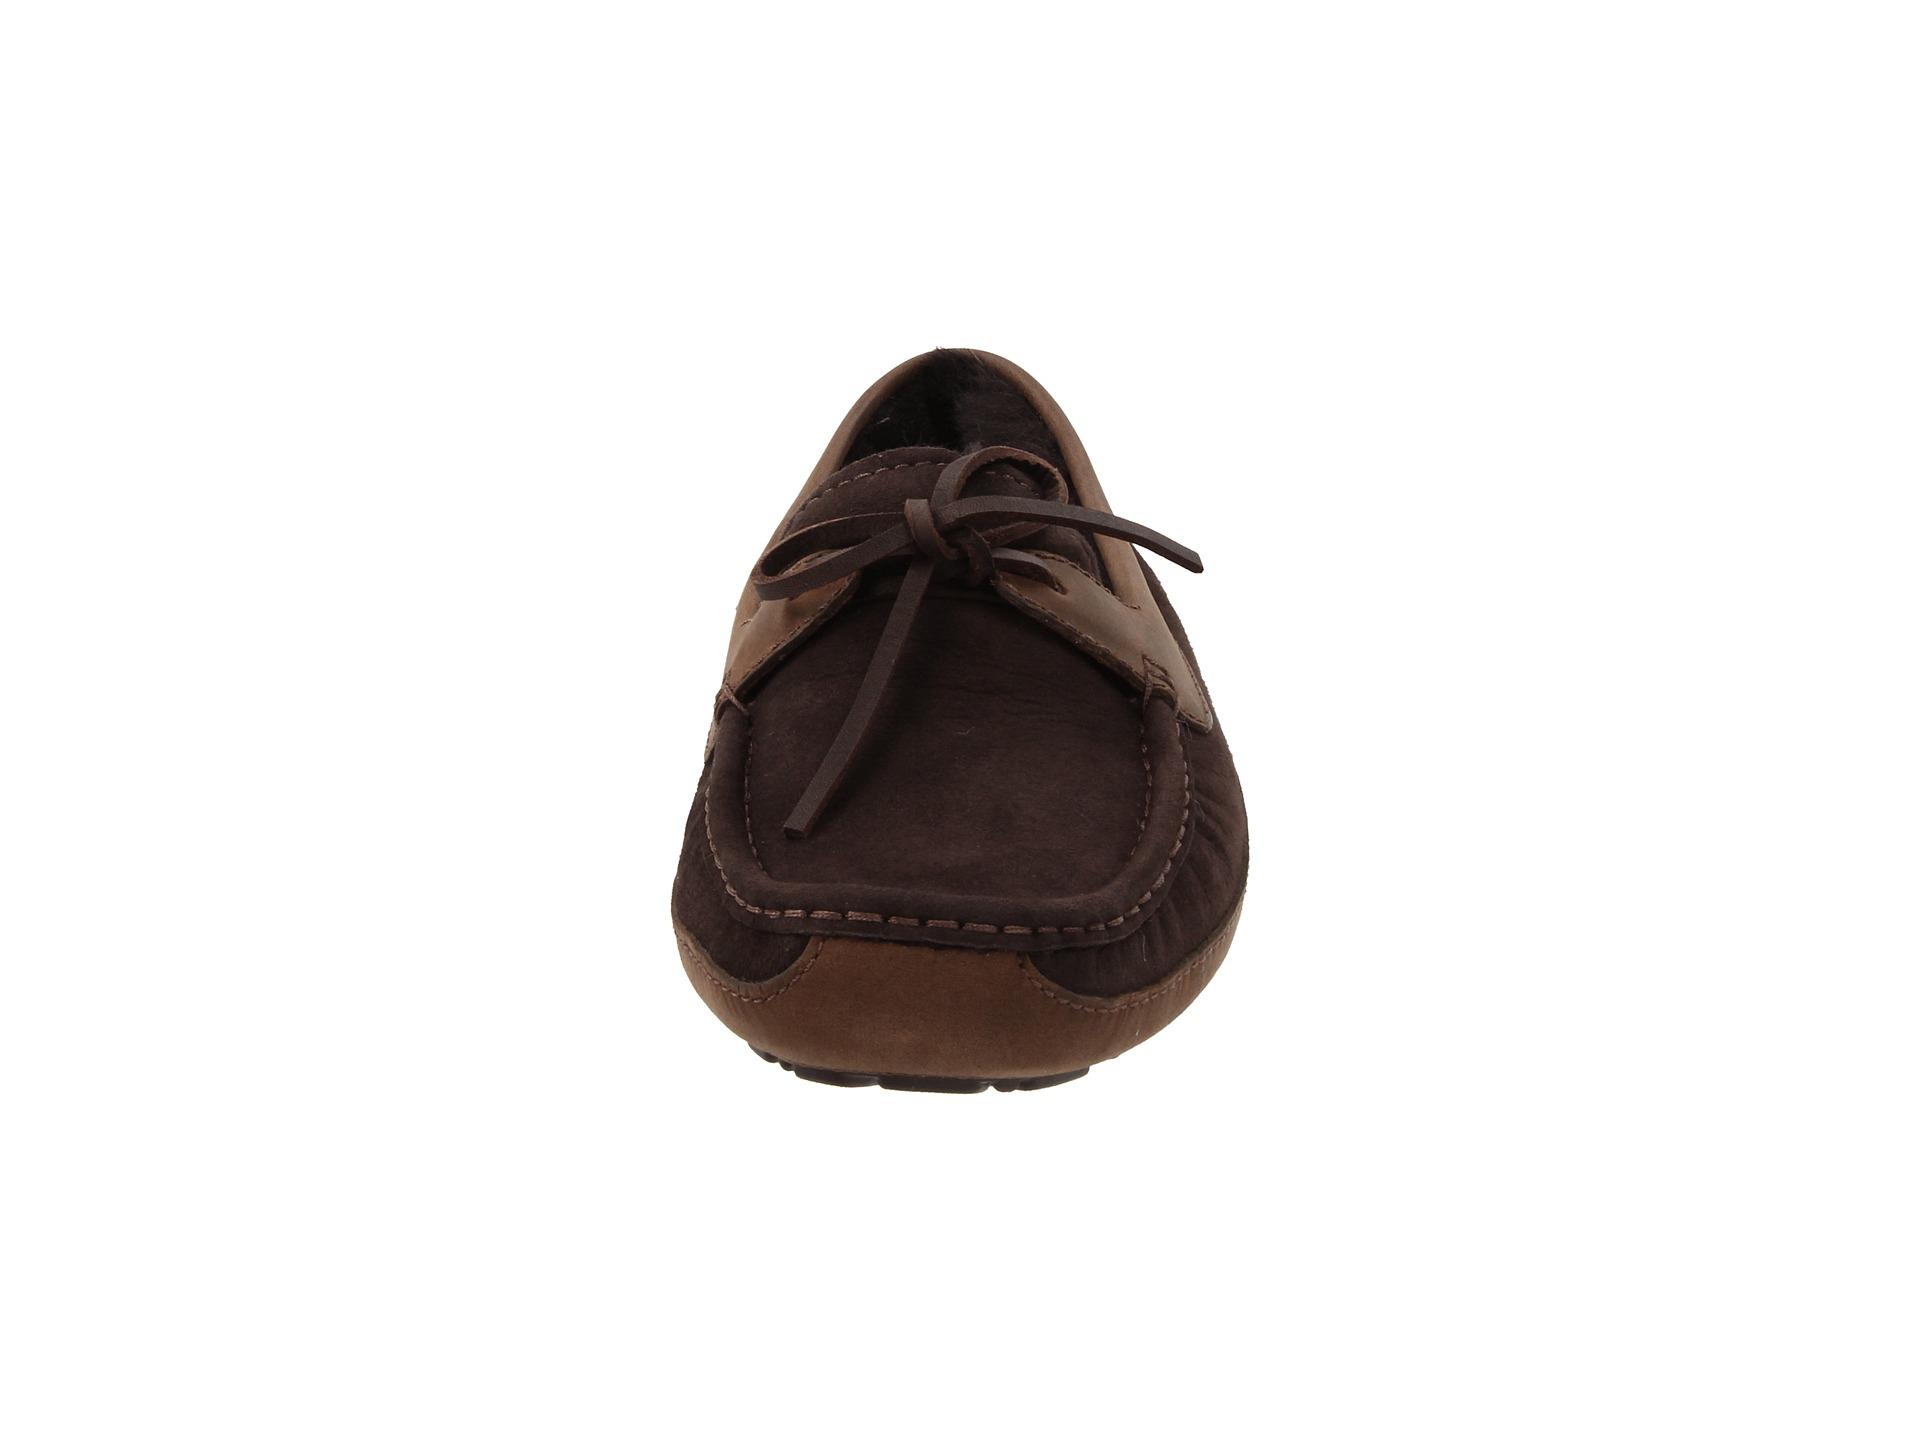 Hommes ugg slipper